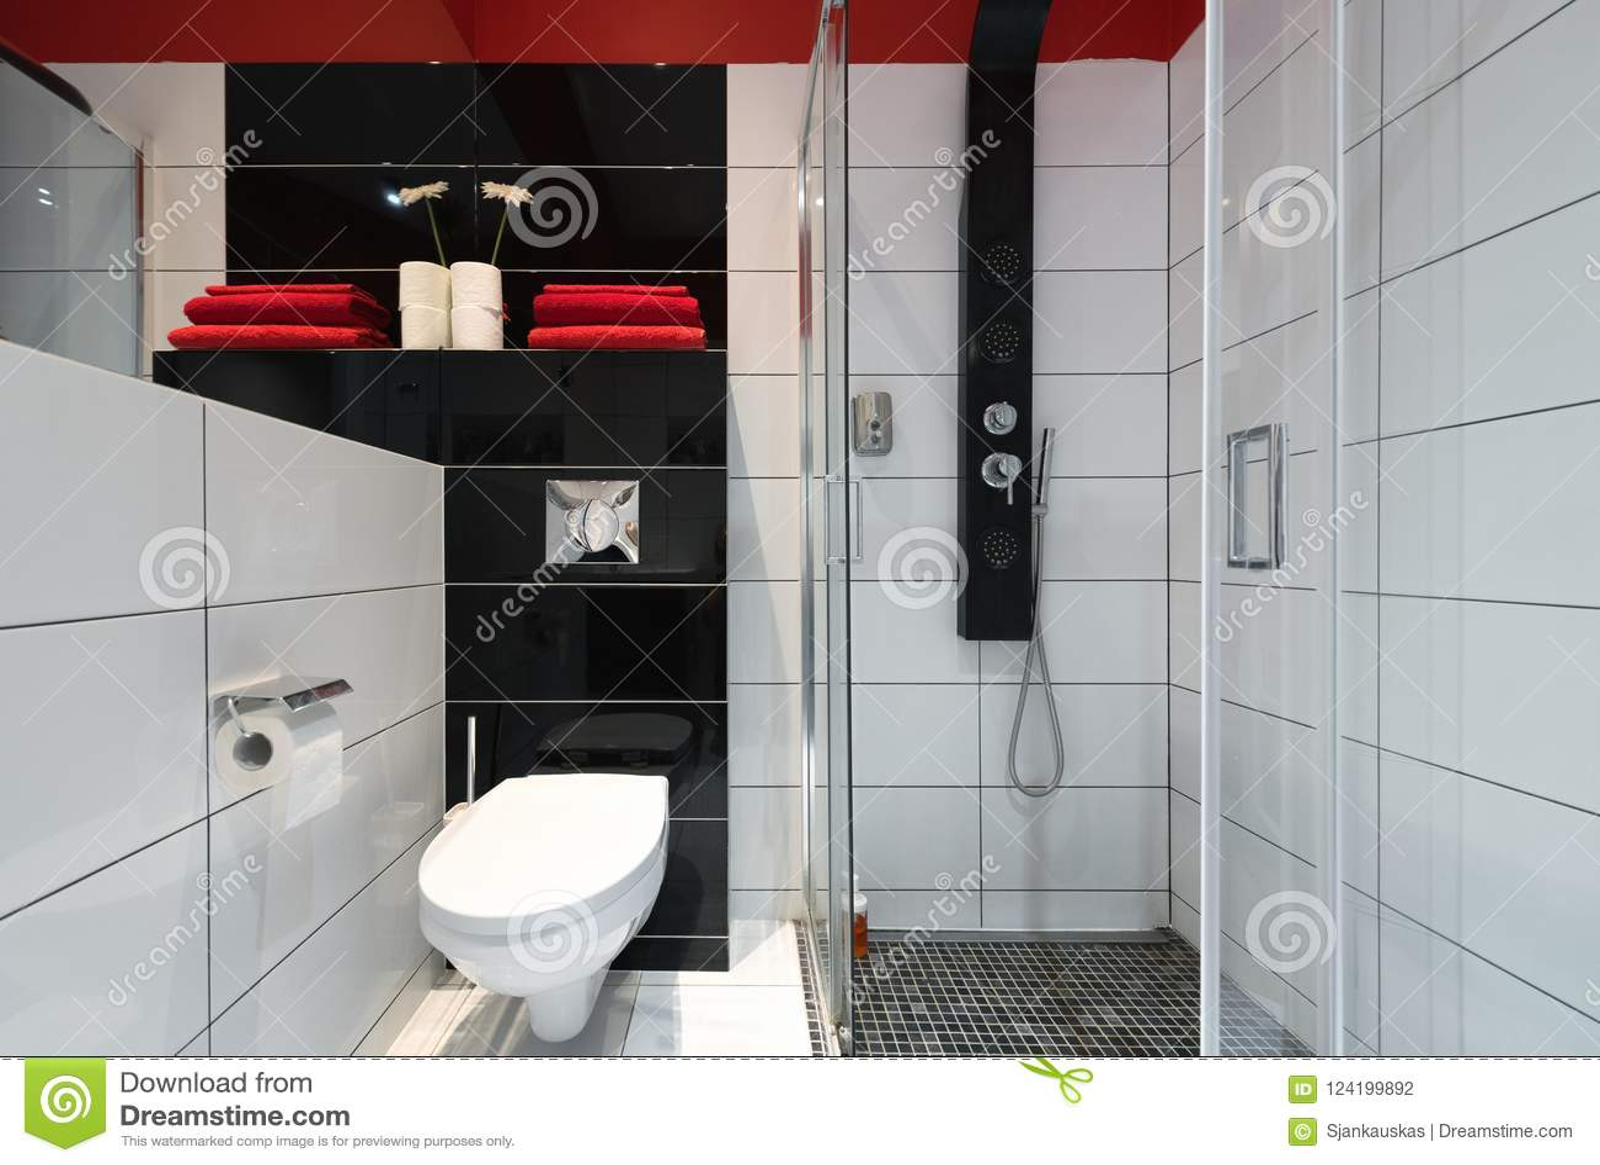 Badezimmer Mit Dusche, Moderner Innenraum Stockfoto - Bild von haus ...